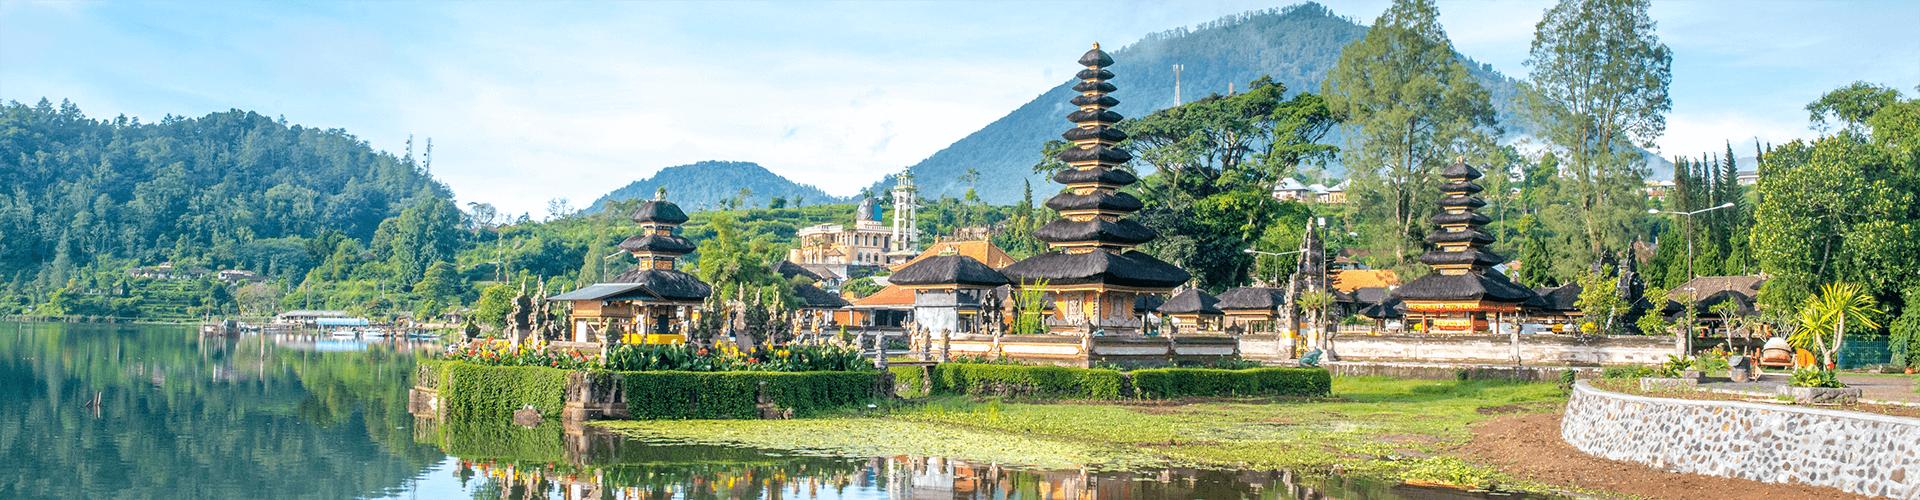 Bali Ngurah Rai International